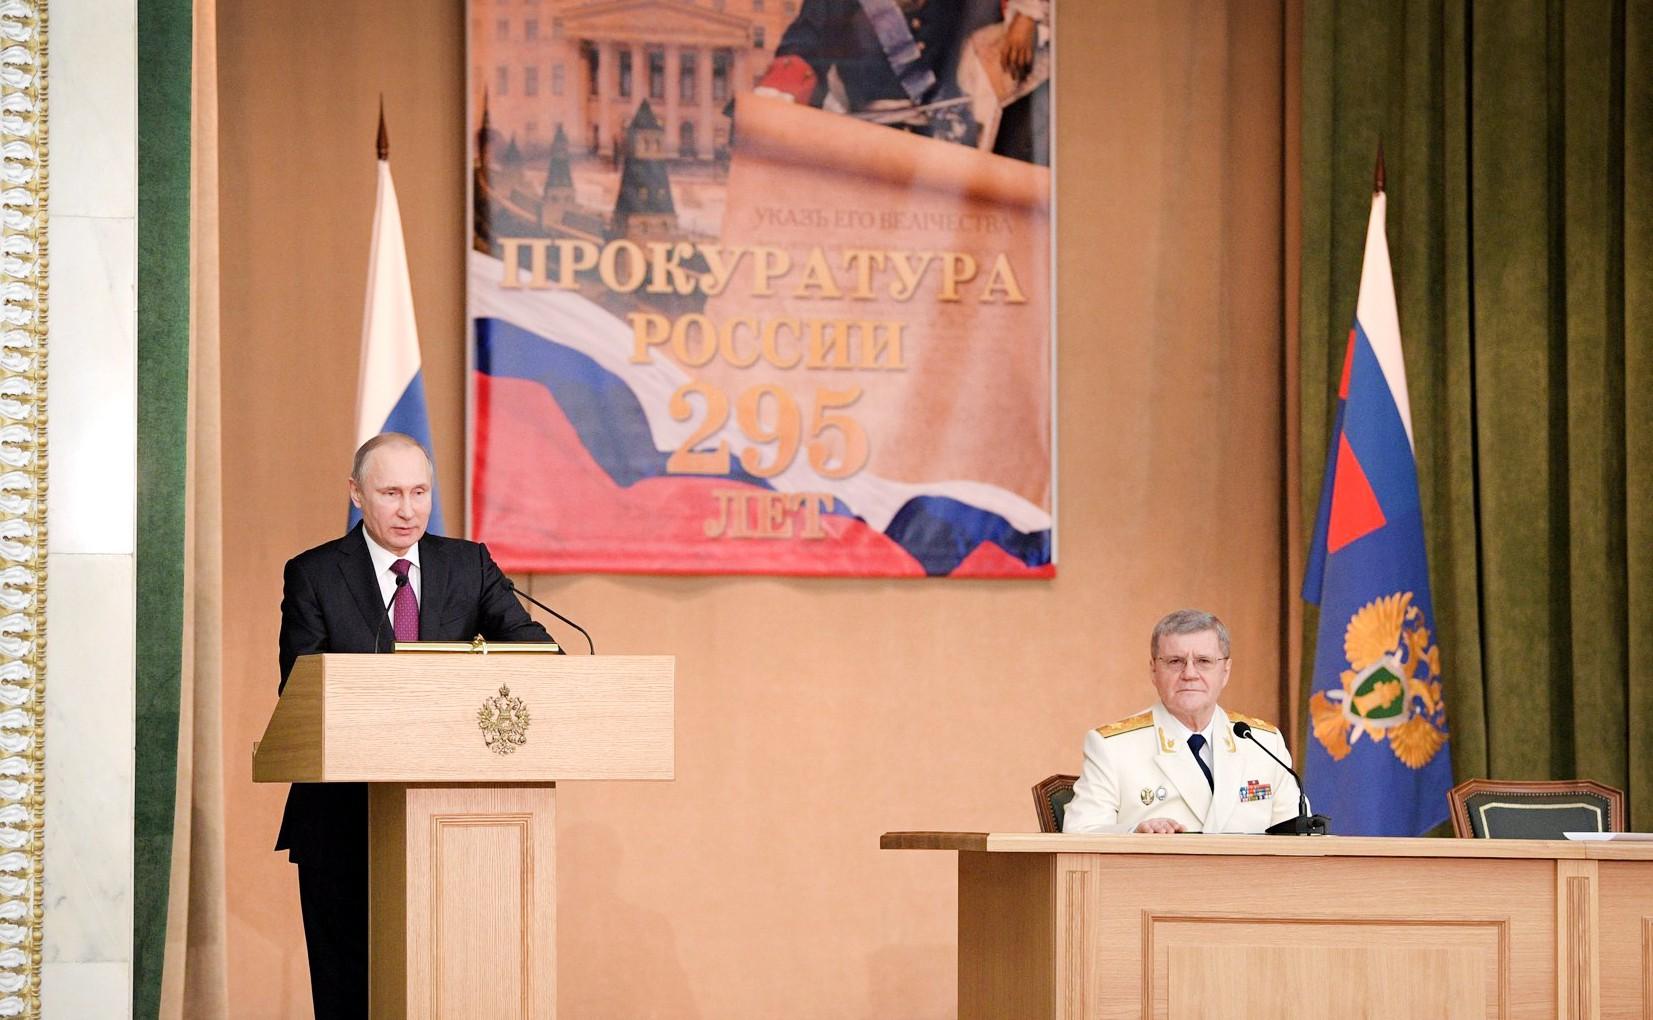 Владимир Путин выступает на заседании, посвященном 295-летию российской прокуратуры